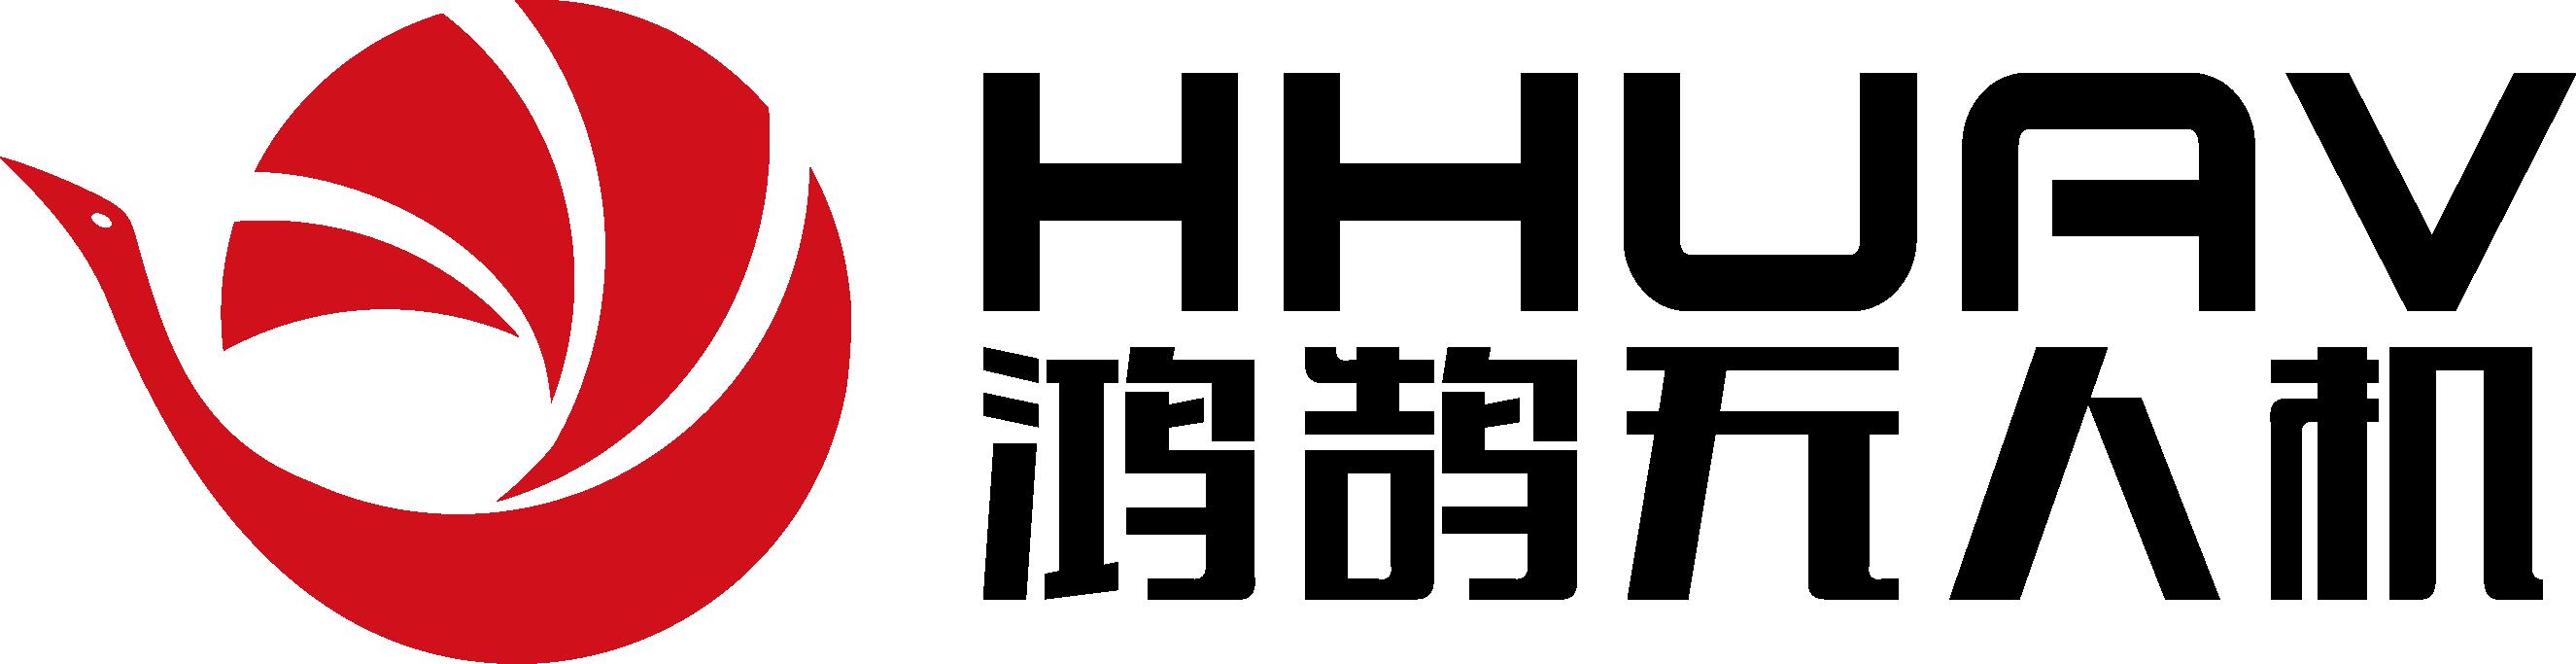 logo 标识 标志 设计 矢量 矢量图 素材 图标 2651_683